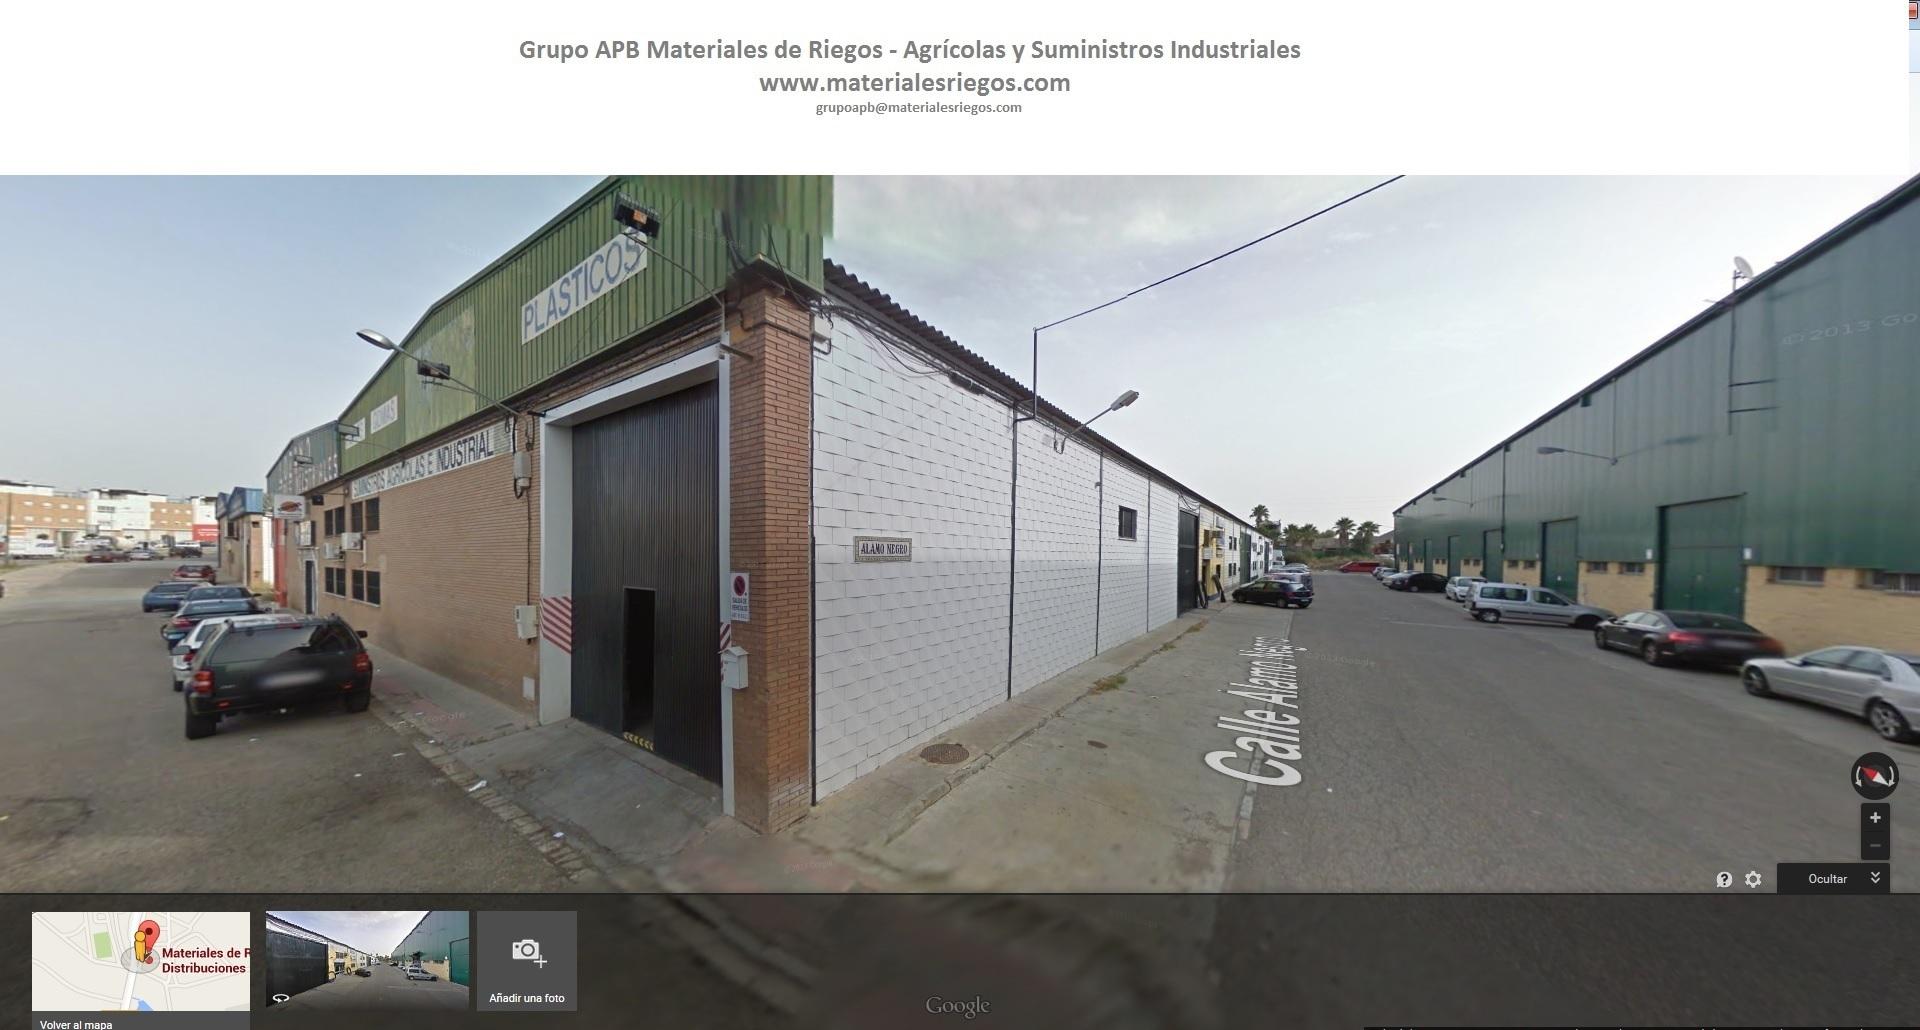 GRUPO_APB_Materiales_de_riegos_y_Suministros_industriales